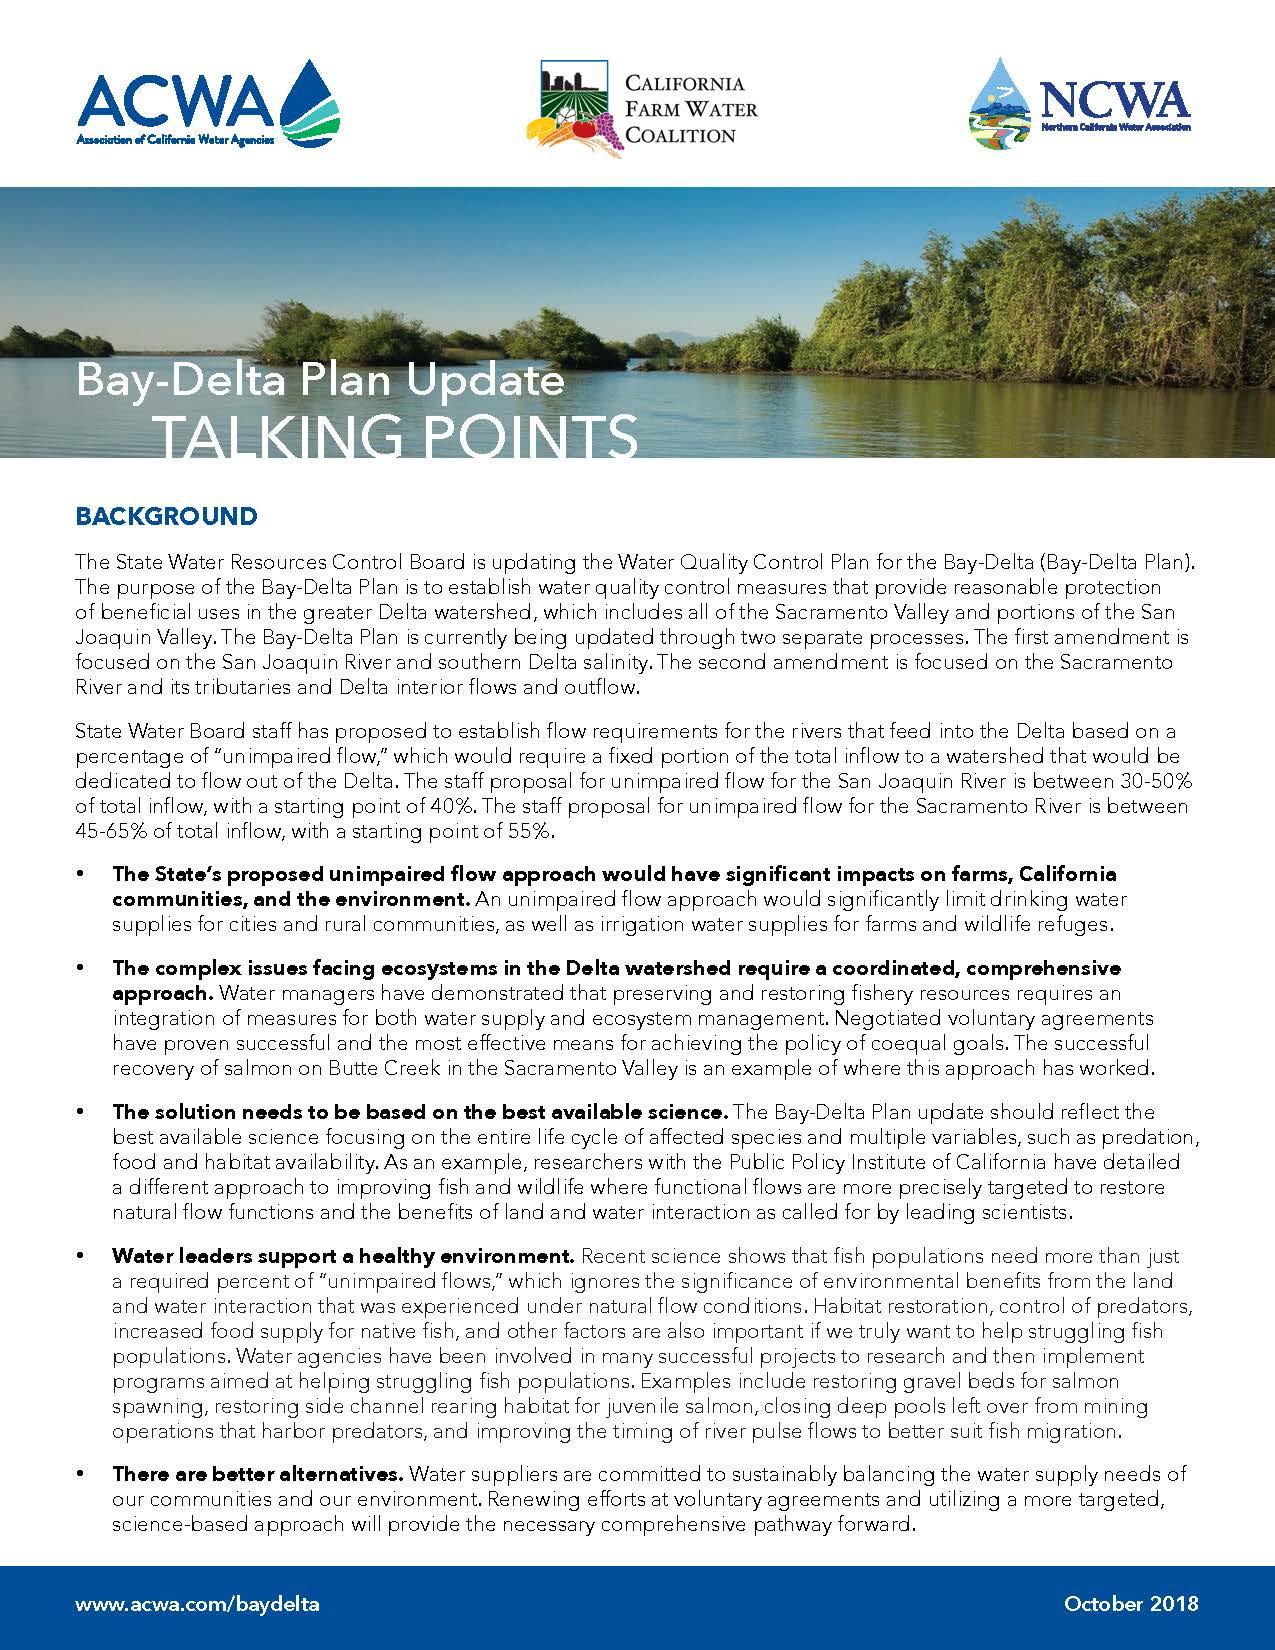 Bay-Delta-Plan-Update-Talking-Points_FINAL.jpg